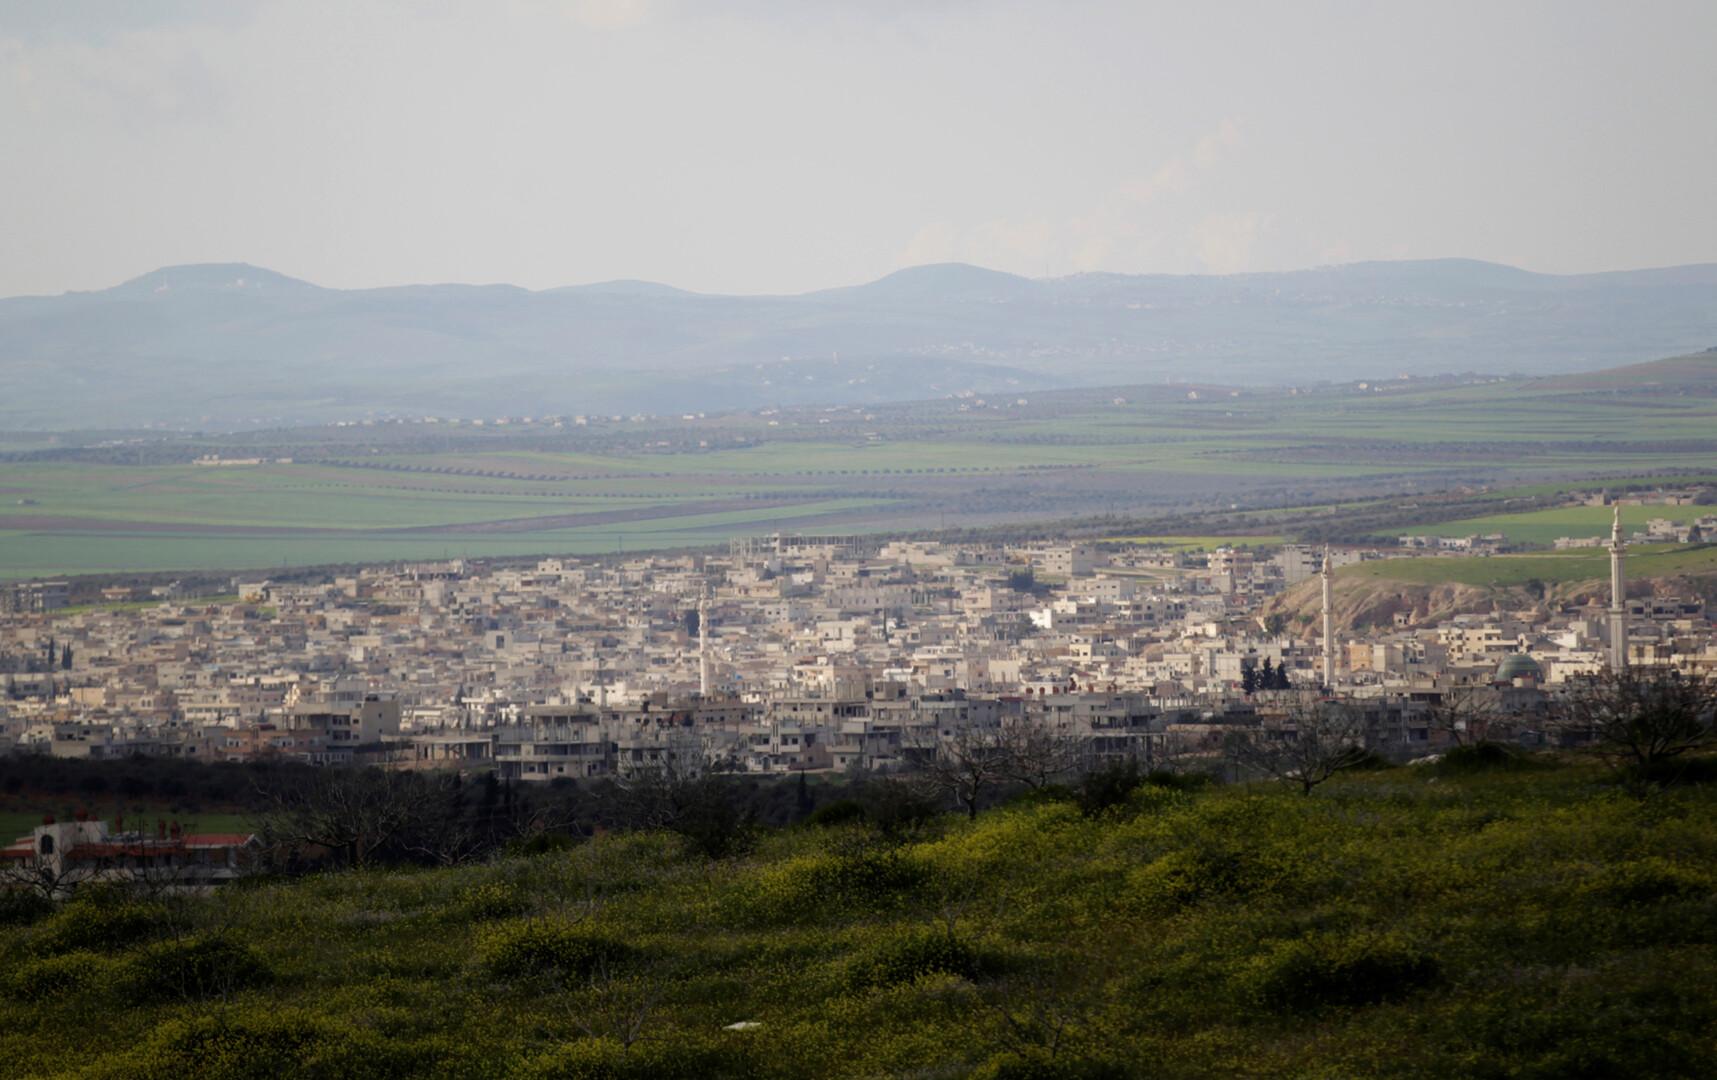 مصدر عسكري لـRT: فصائل مسلحة تستهدف بالقذائف محيط ممر أبو الظهور لمنع خروج المدنيين من إدلب -